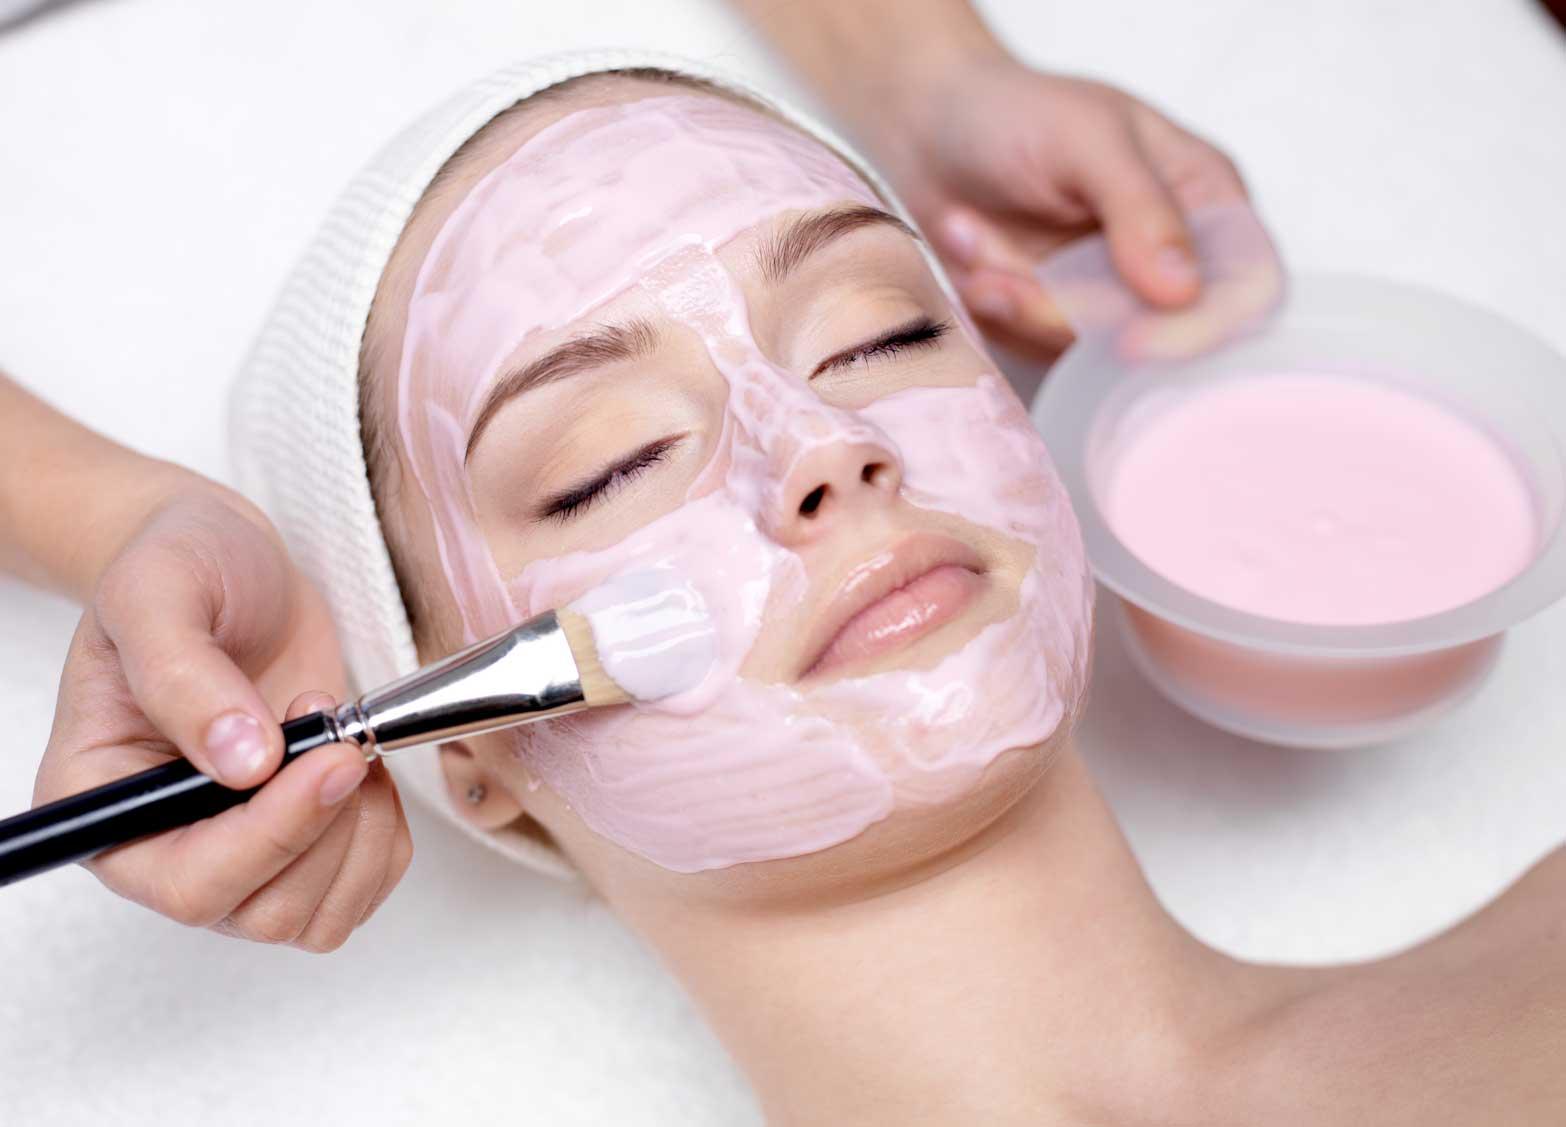 7 Benefits of Regular Facial